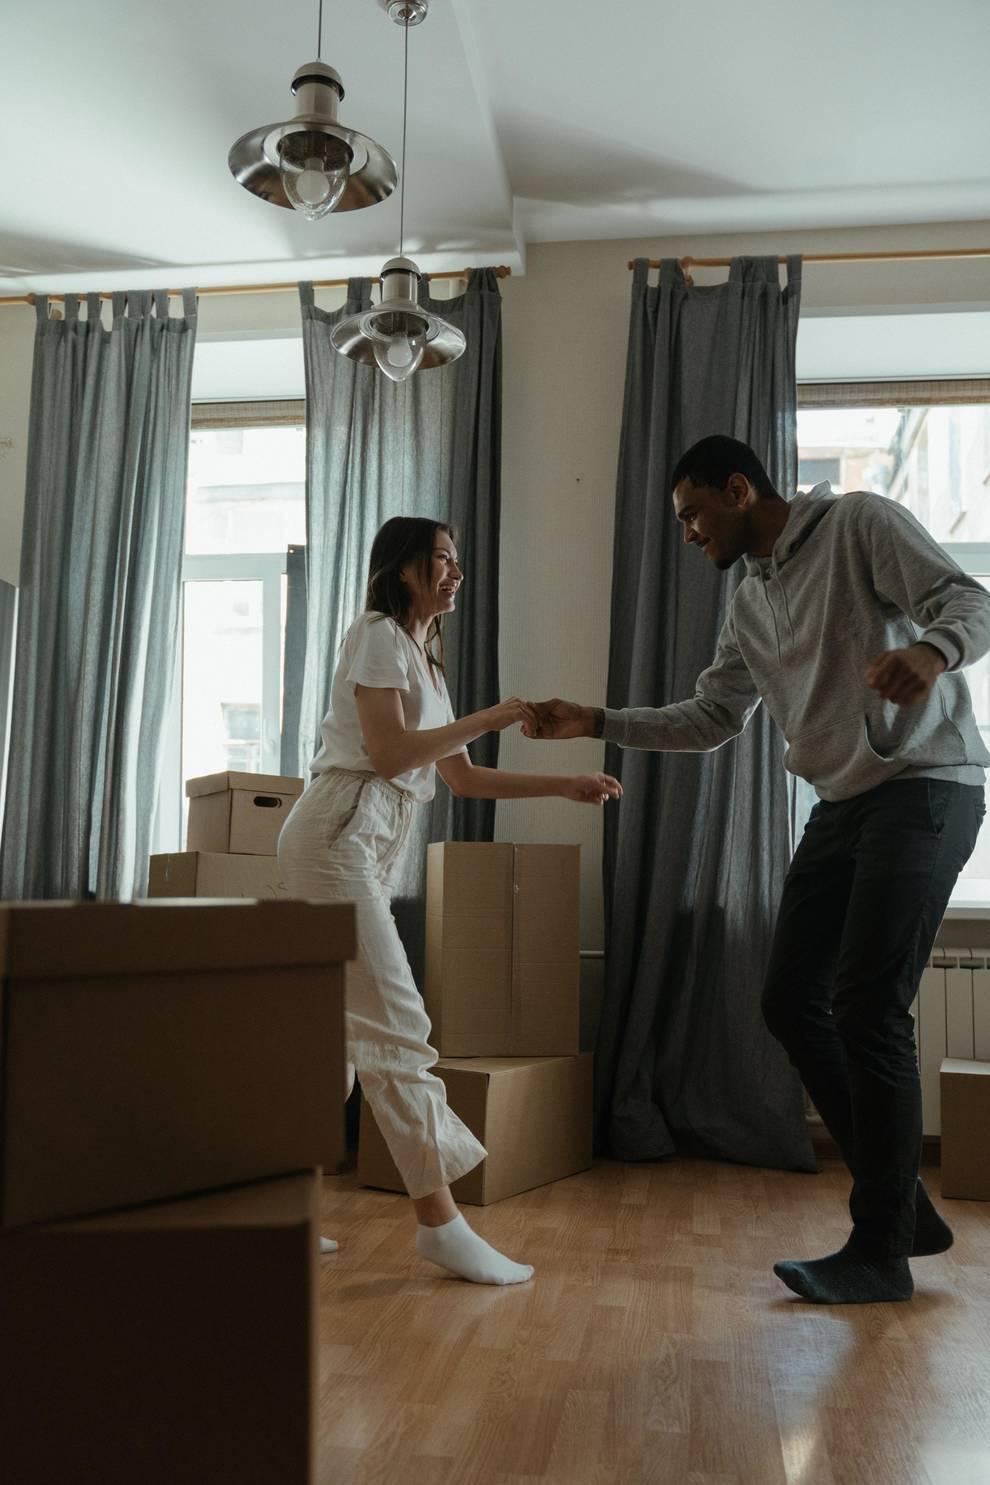 Las subastas de pisos te ofrecen la posibilidad de encontrar la casa de tus sueños.